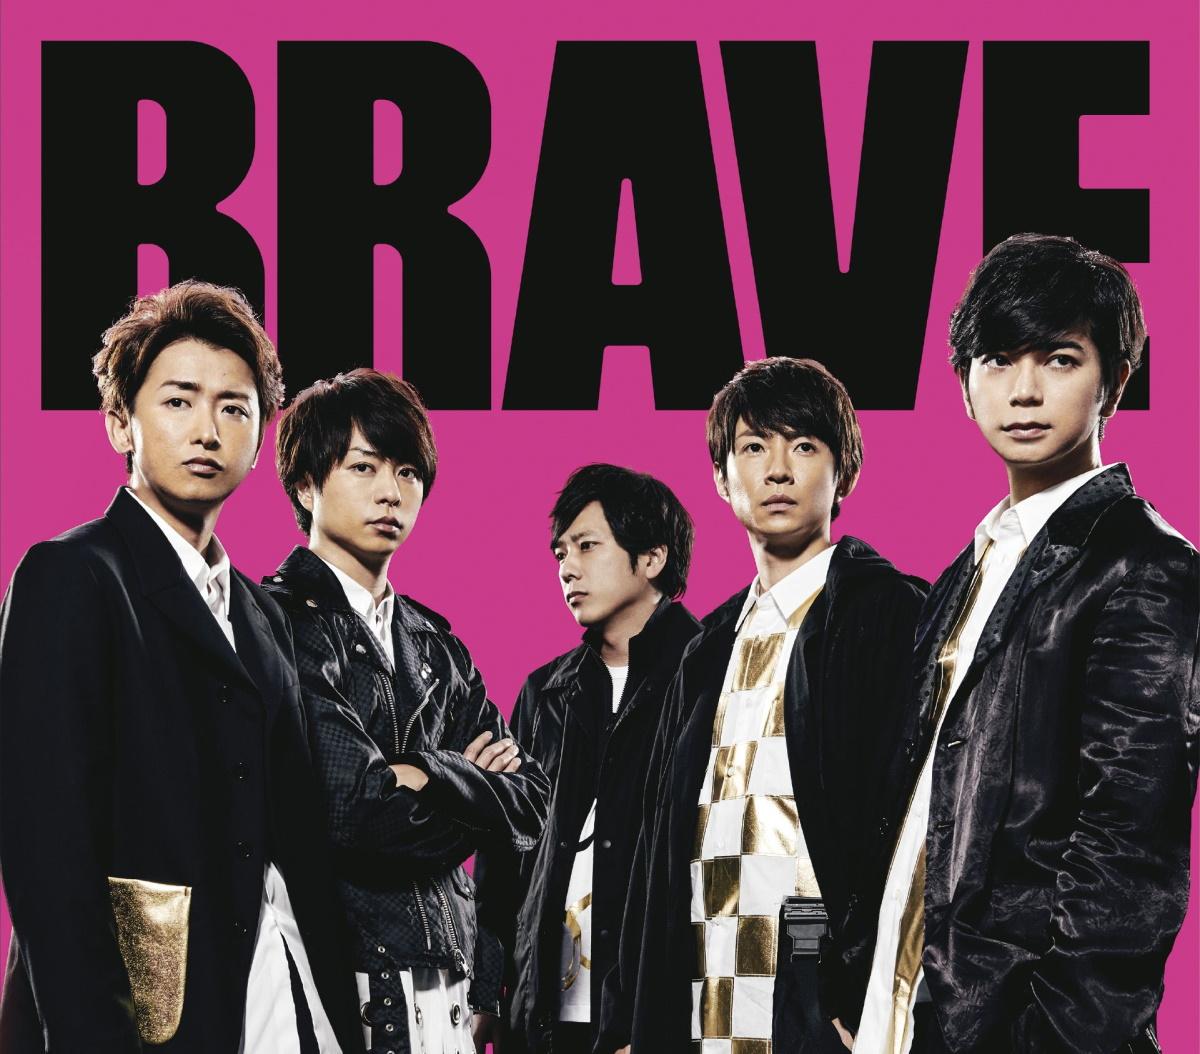 『嵐 - BRAVE 歌詞』収録の『BRAVE』ジャケット